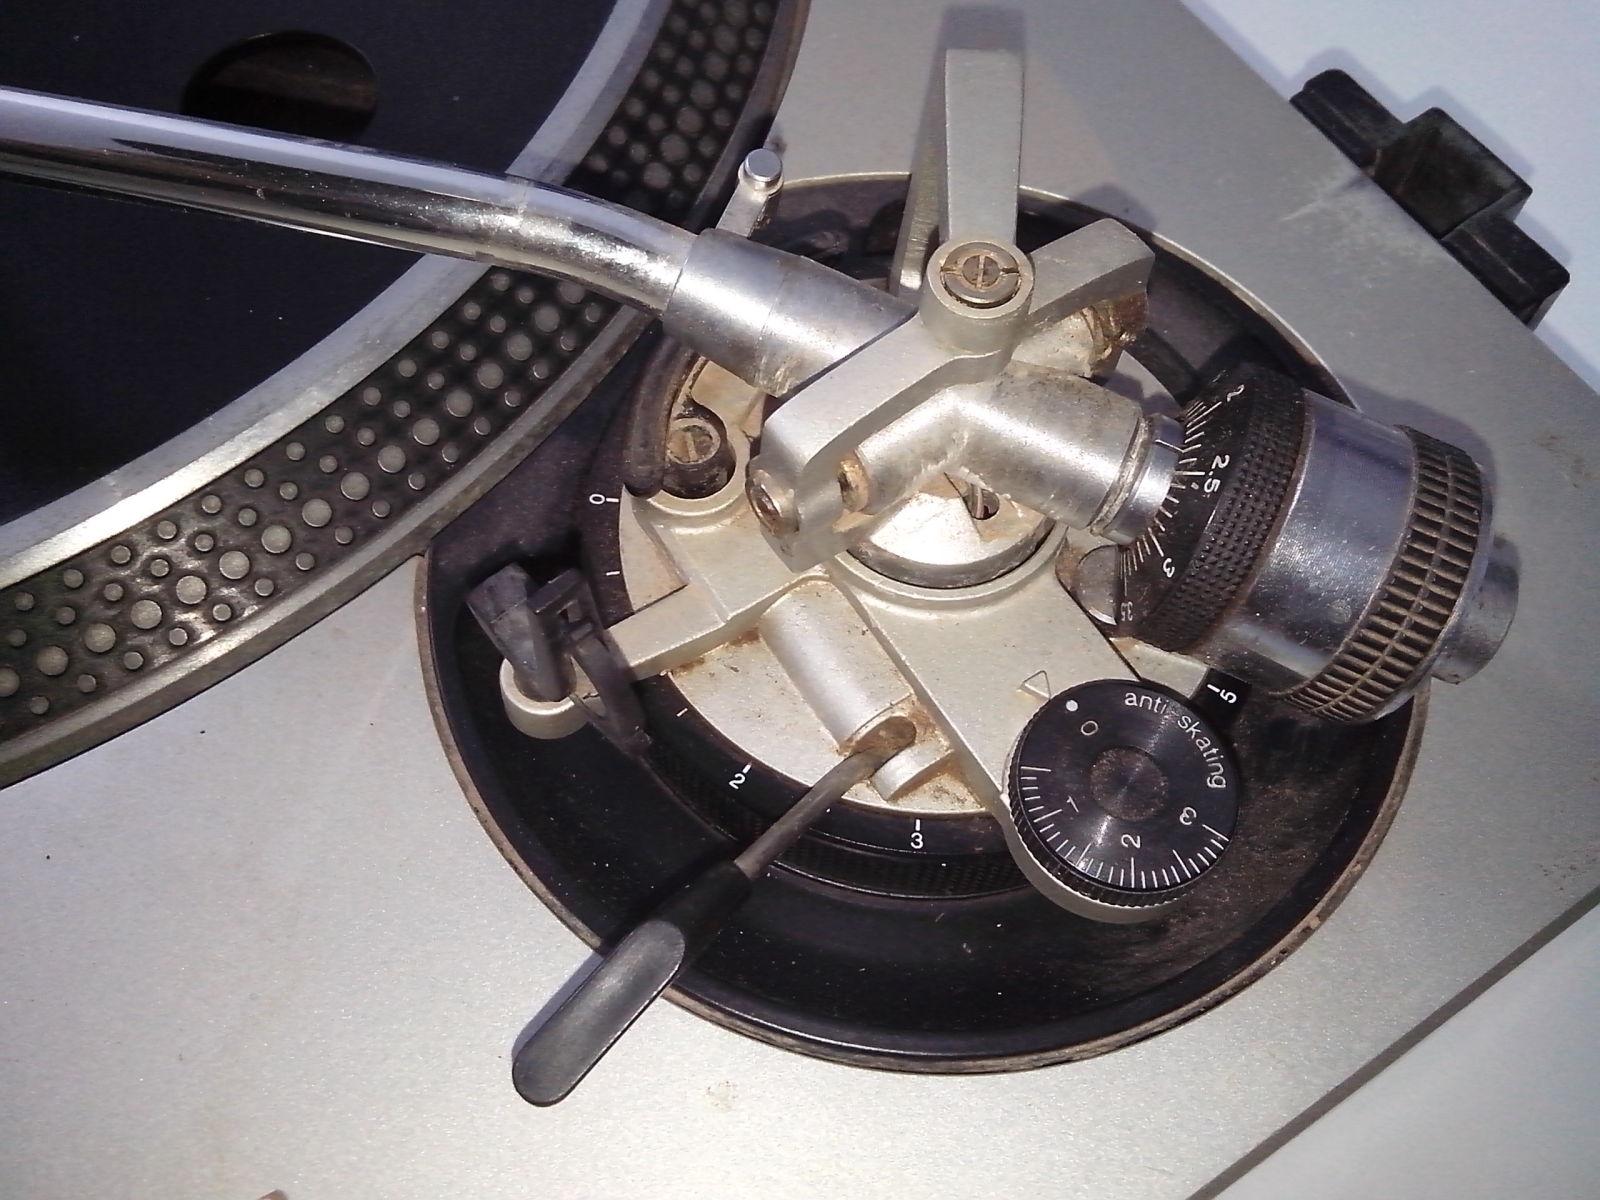 Restauración y mejora de un Technics SL1200 2ptcdjt